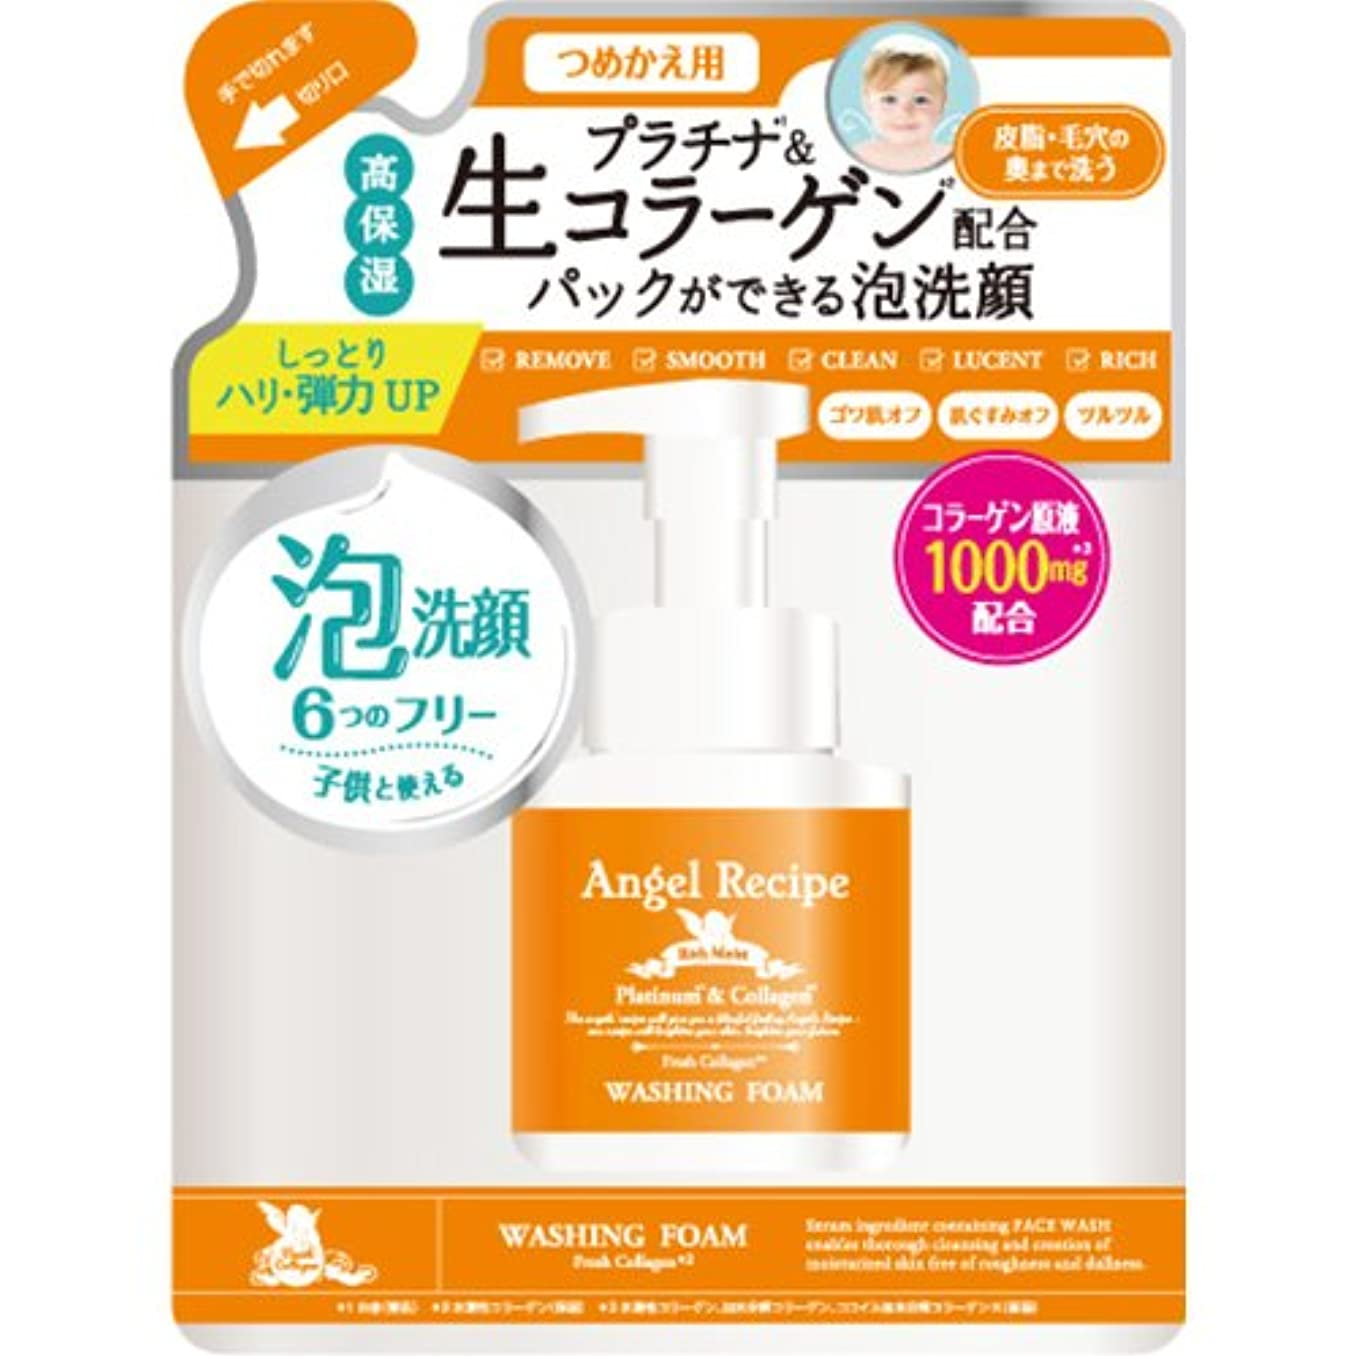 探す解く反抗AngelRecipe エンジェルレシピ リッチモイスト 泡洗顔 詰替え 130ml